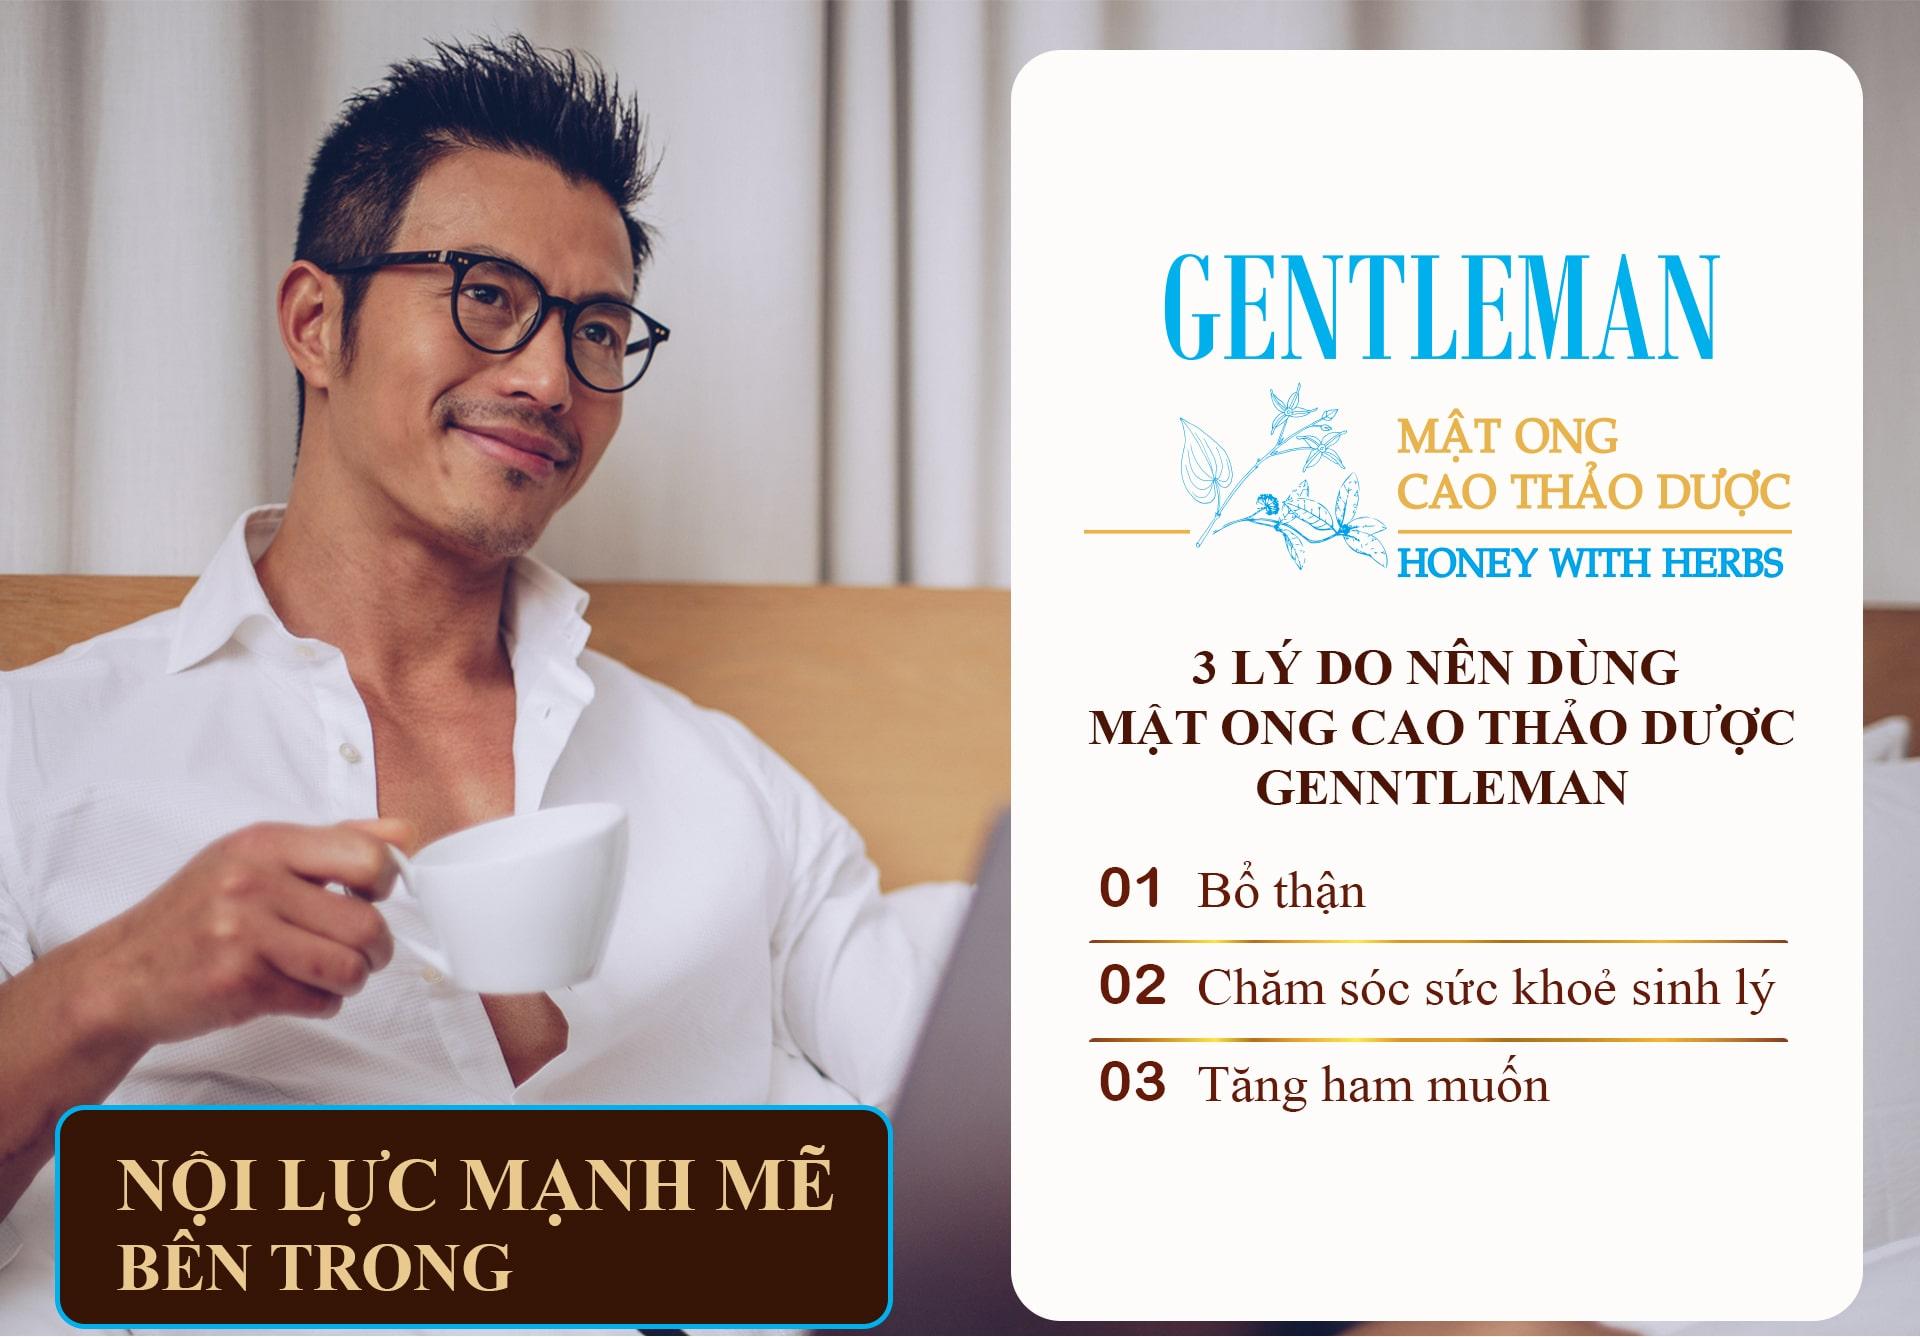 3 lý do gentleman